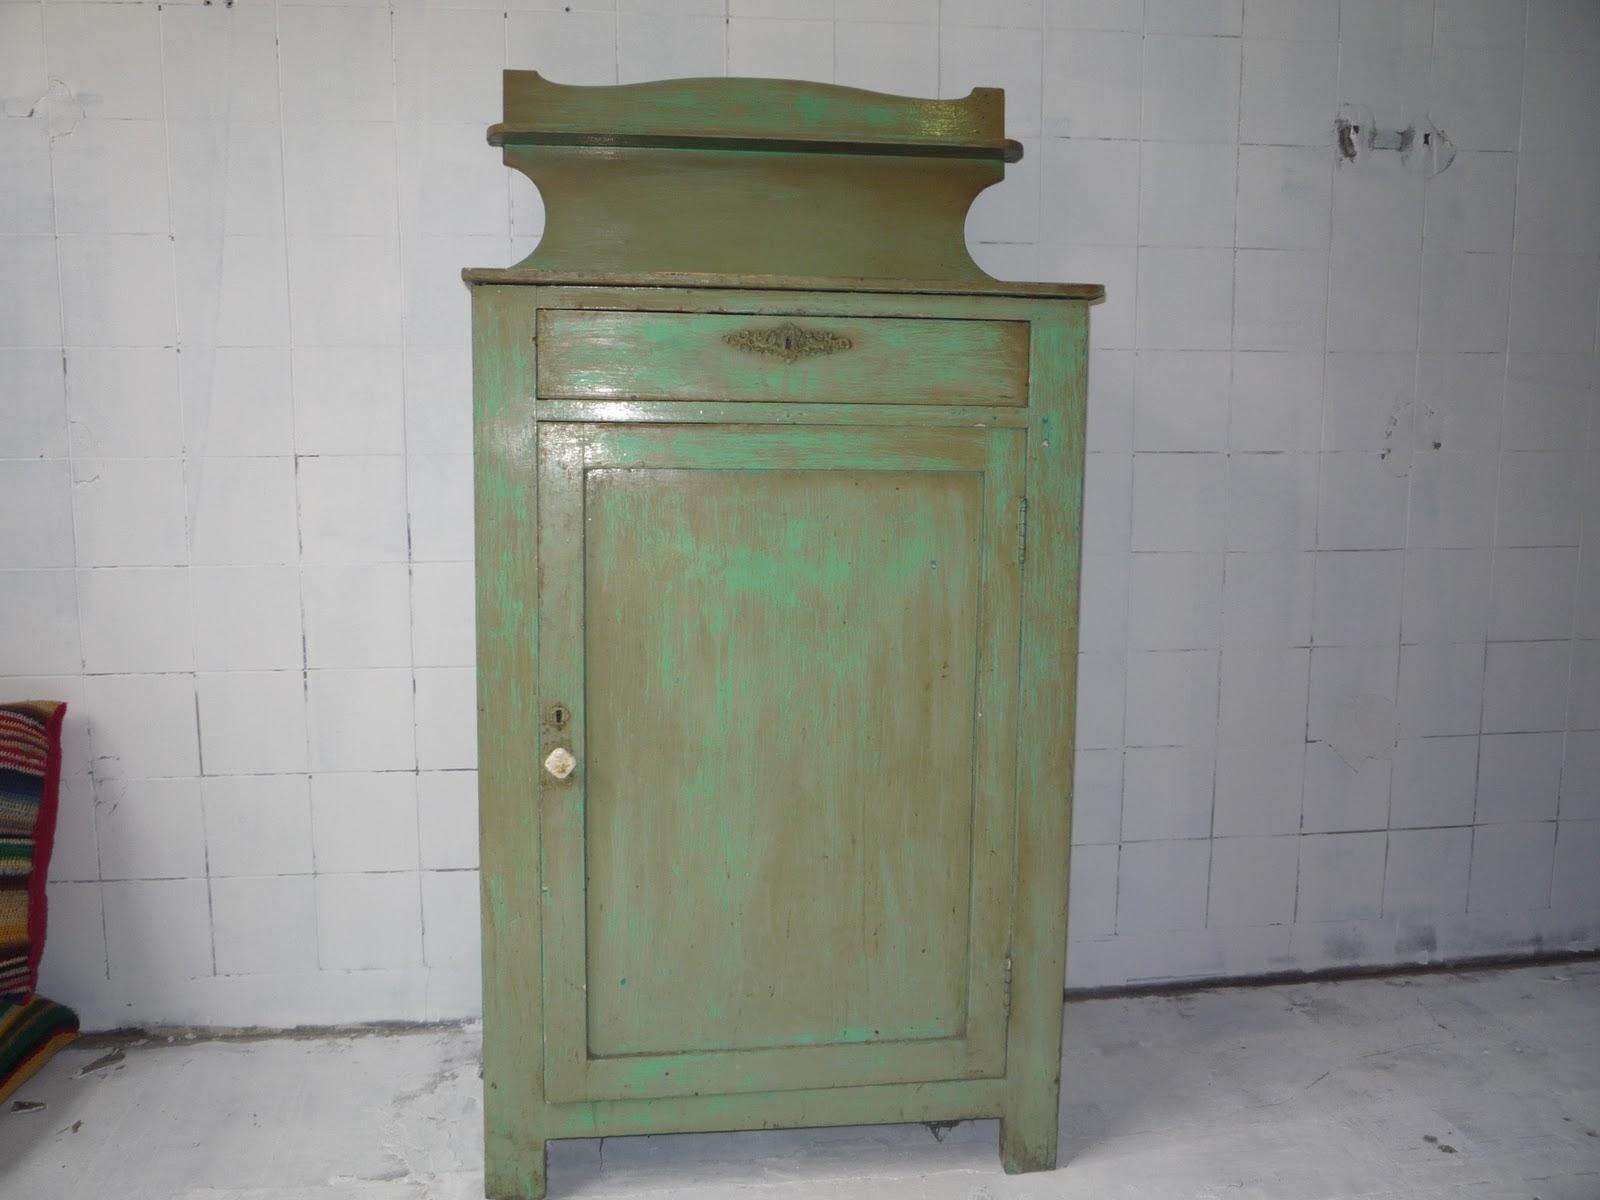 Compra venta y restauraci n de muebles antiguo aparador - Compra muebles antiguos ...